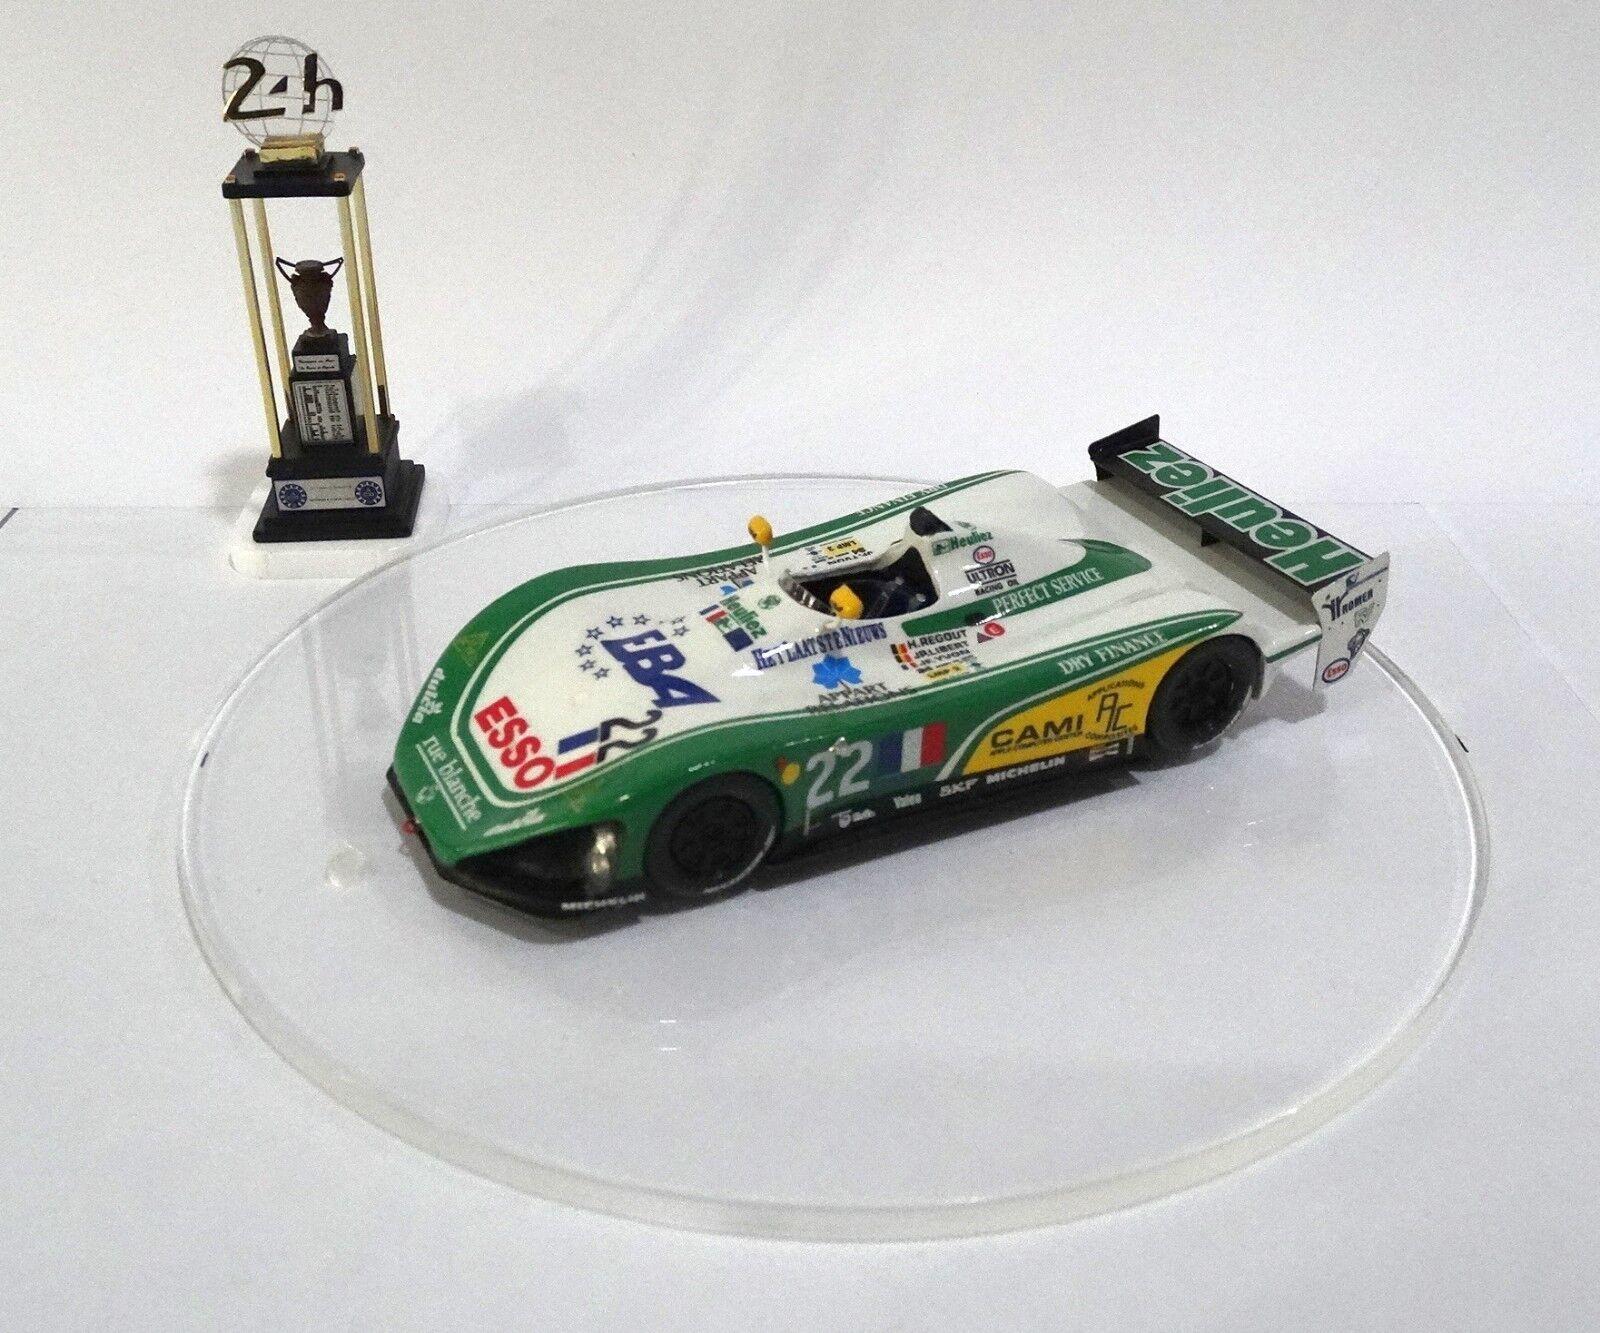 WR LM93  22 HEULIEZ Le Mans 1994 Built Monté Kit 1/43 no spark MINICHAMPS